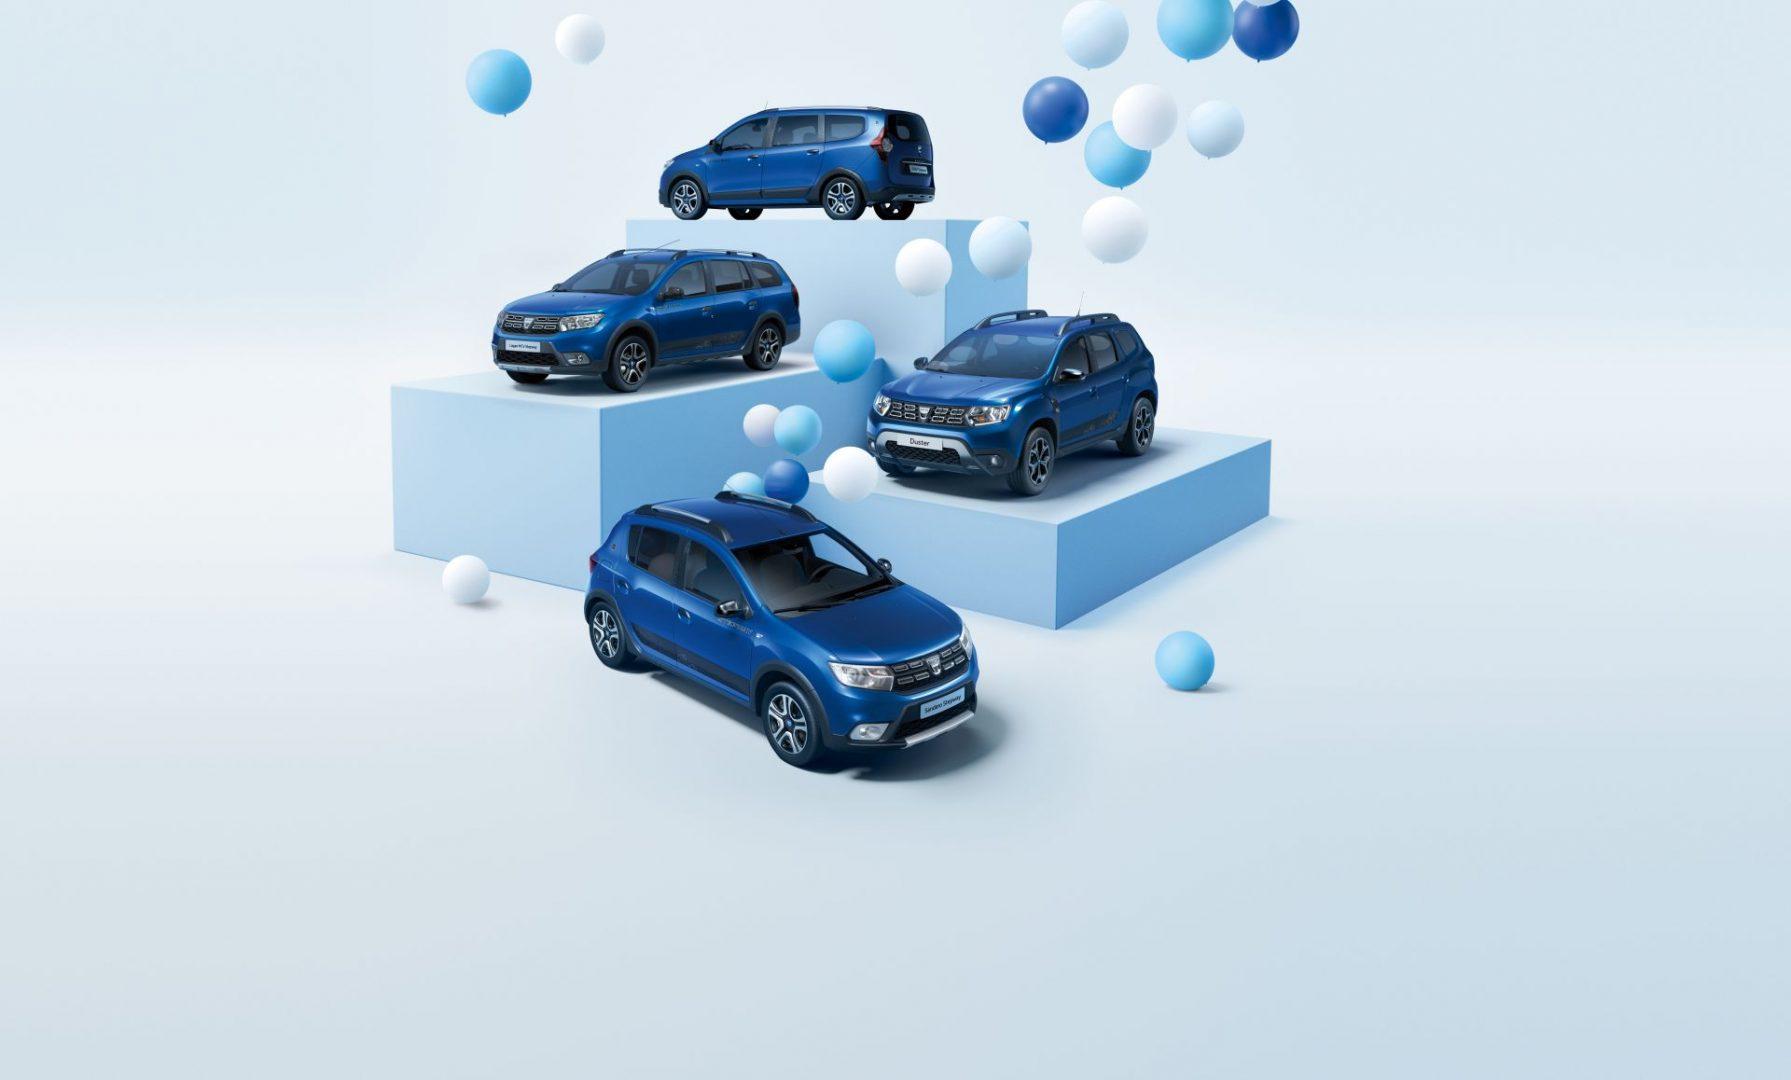 Dacia ograničena serija Proud povodom 15 godina Dacije u Europi